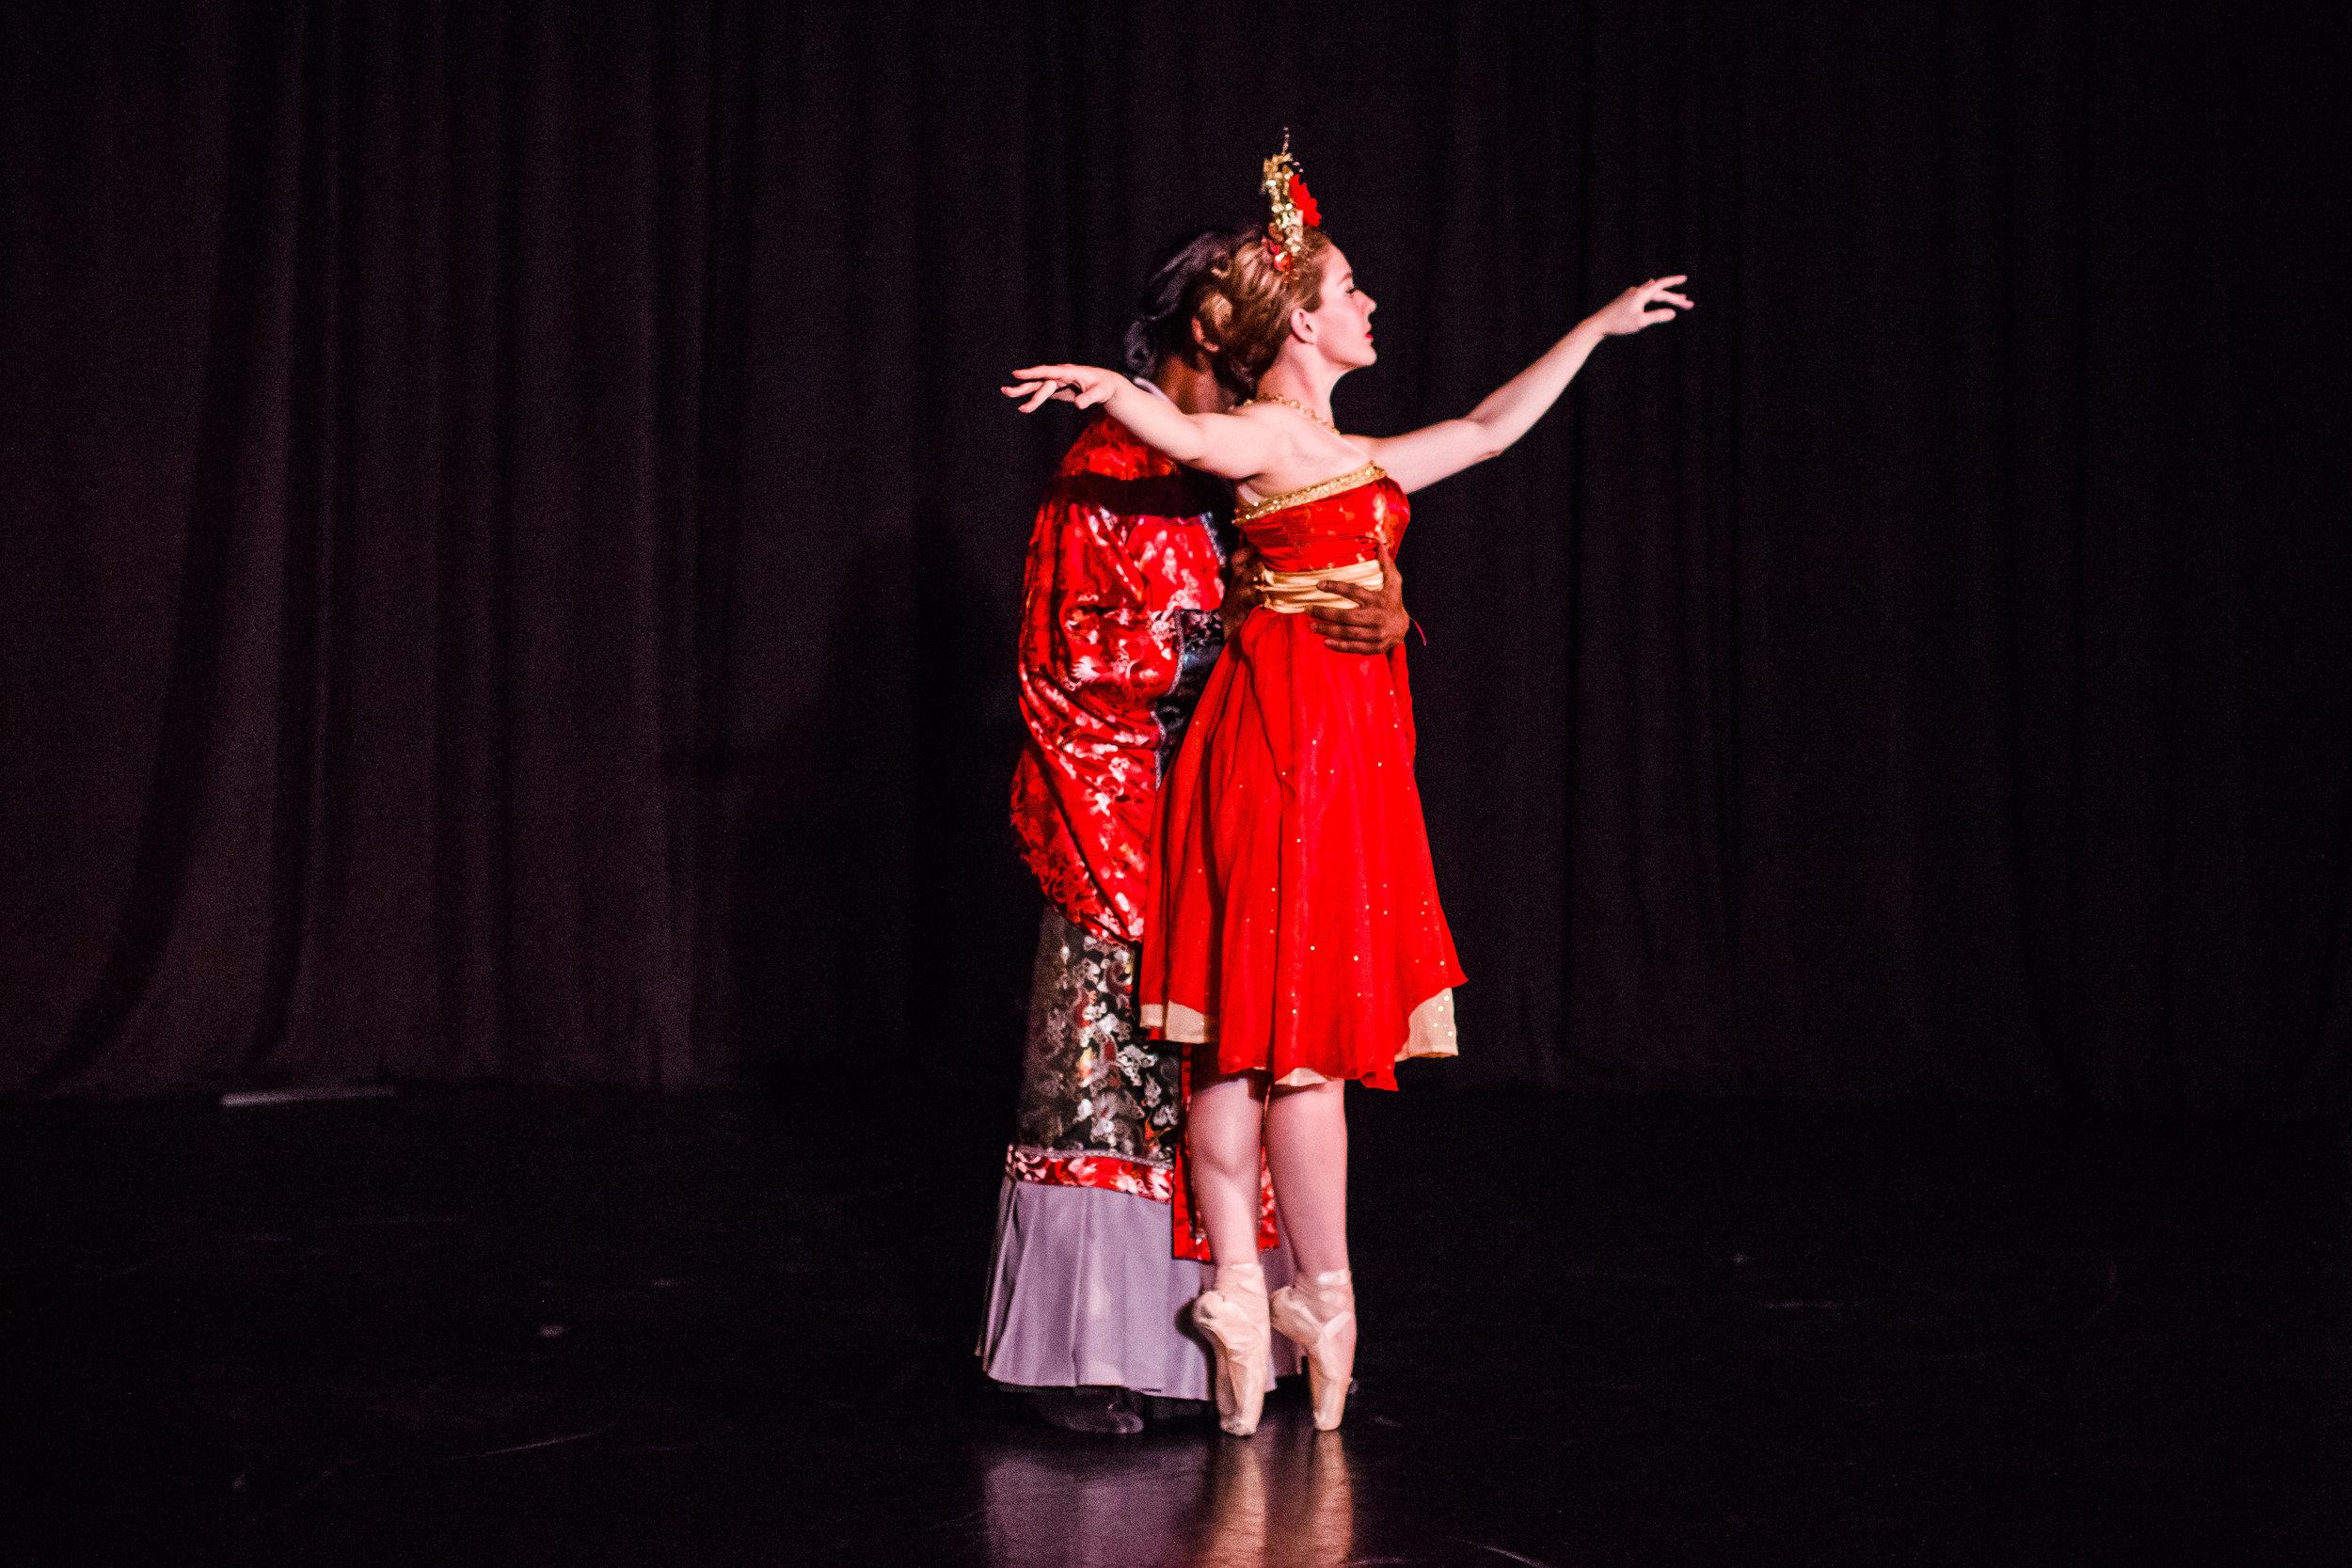 2017_12_10_durham_school_ballet_winter_showcase_party-3639.jpg